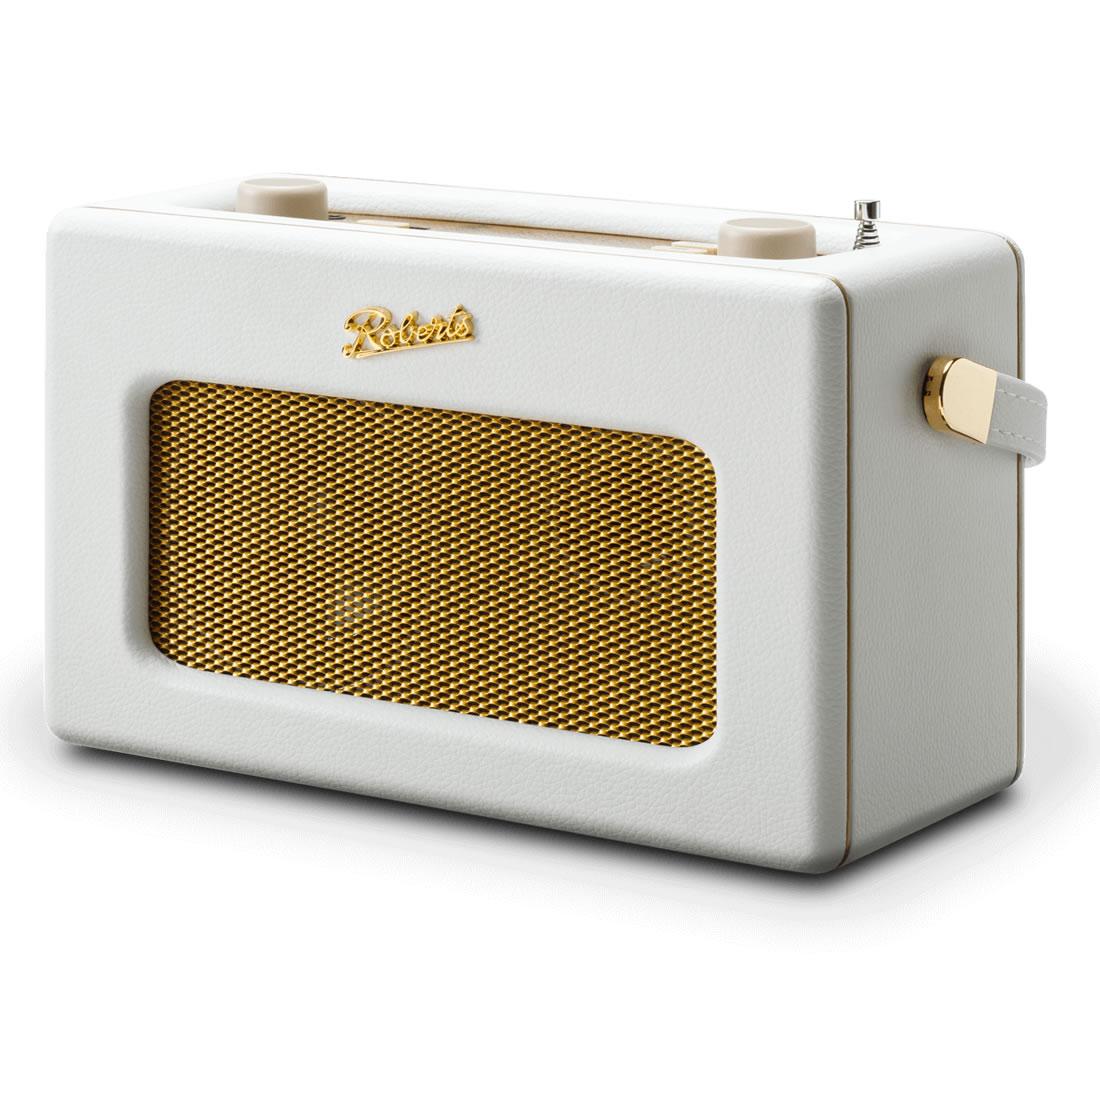 DAB/DAB+/FM RDS & WiFi Internet Radio White